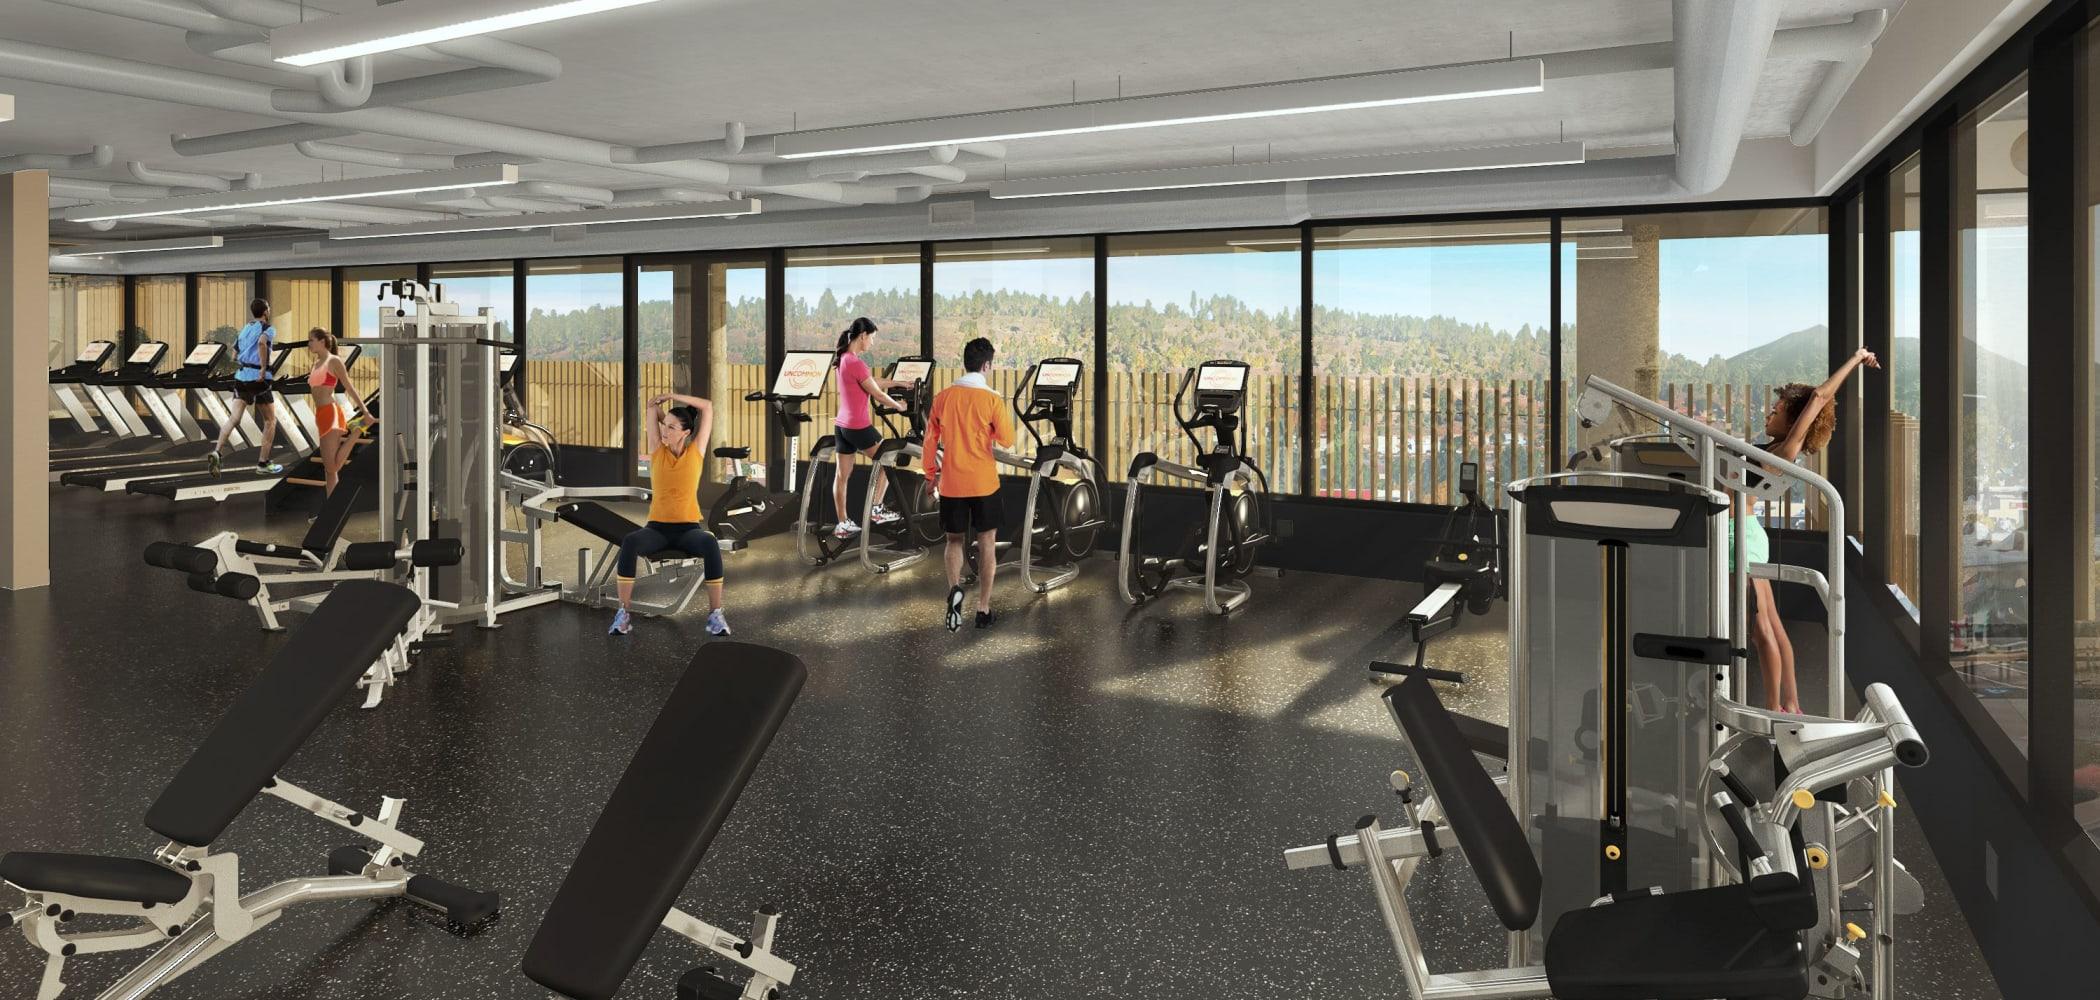 Fitness center at UNCOMMON Flagstaff in Flagstaff, Arizona